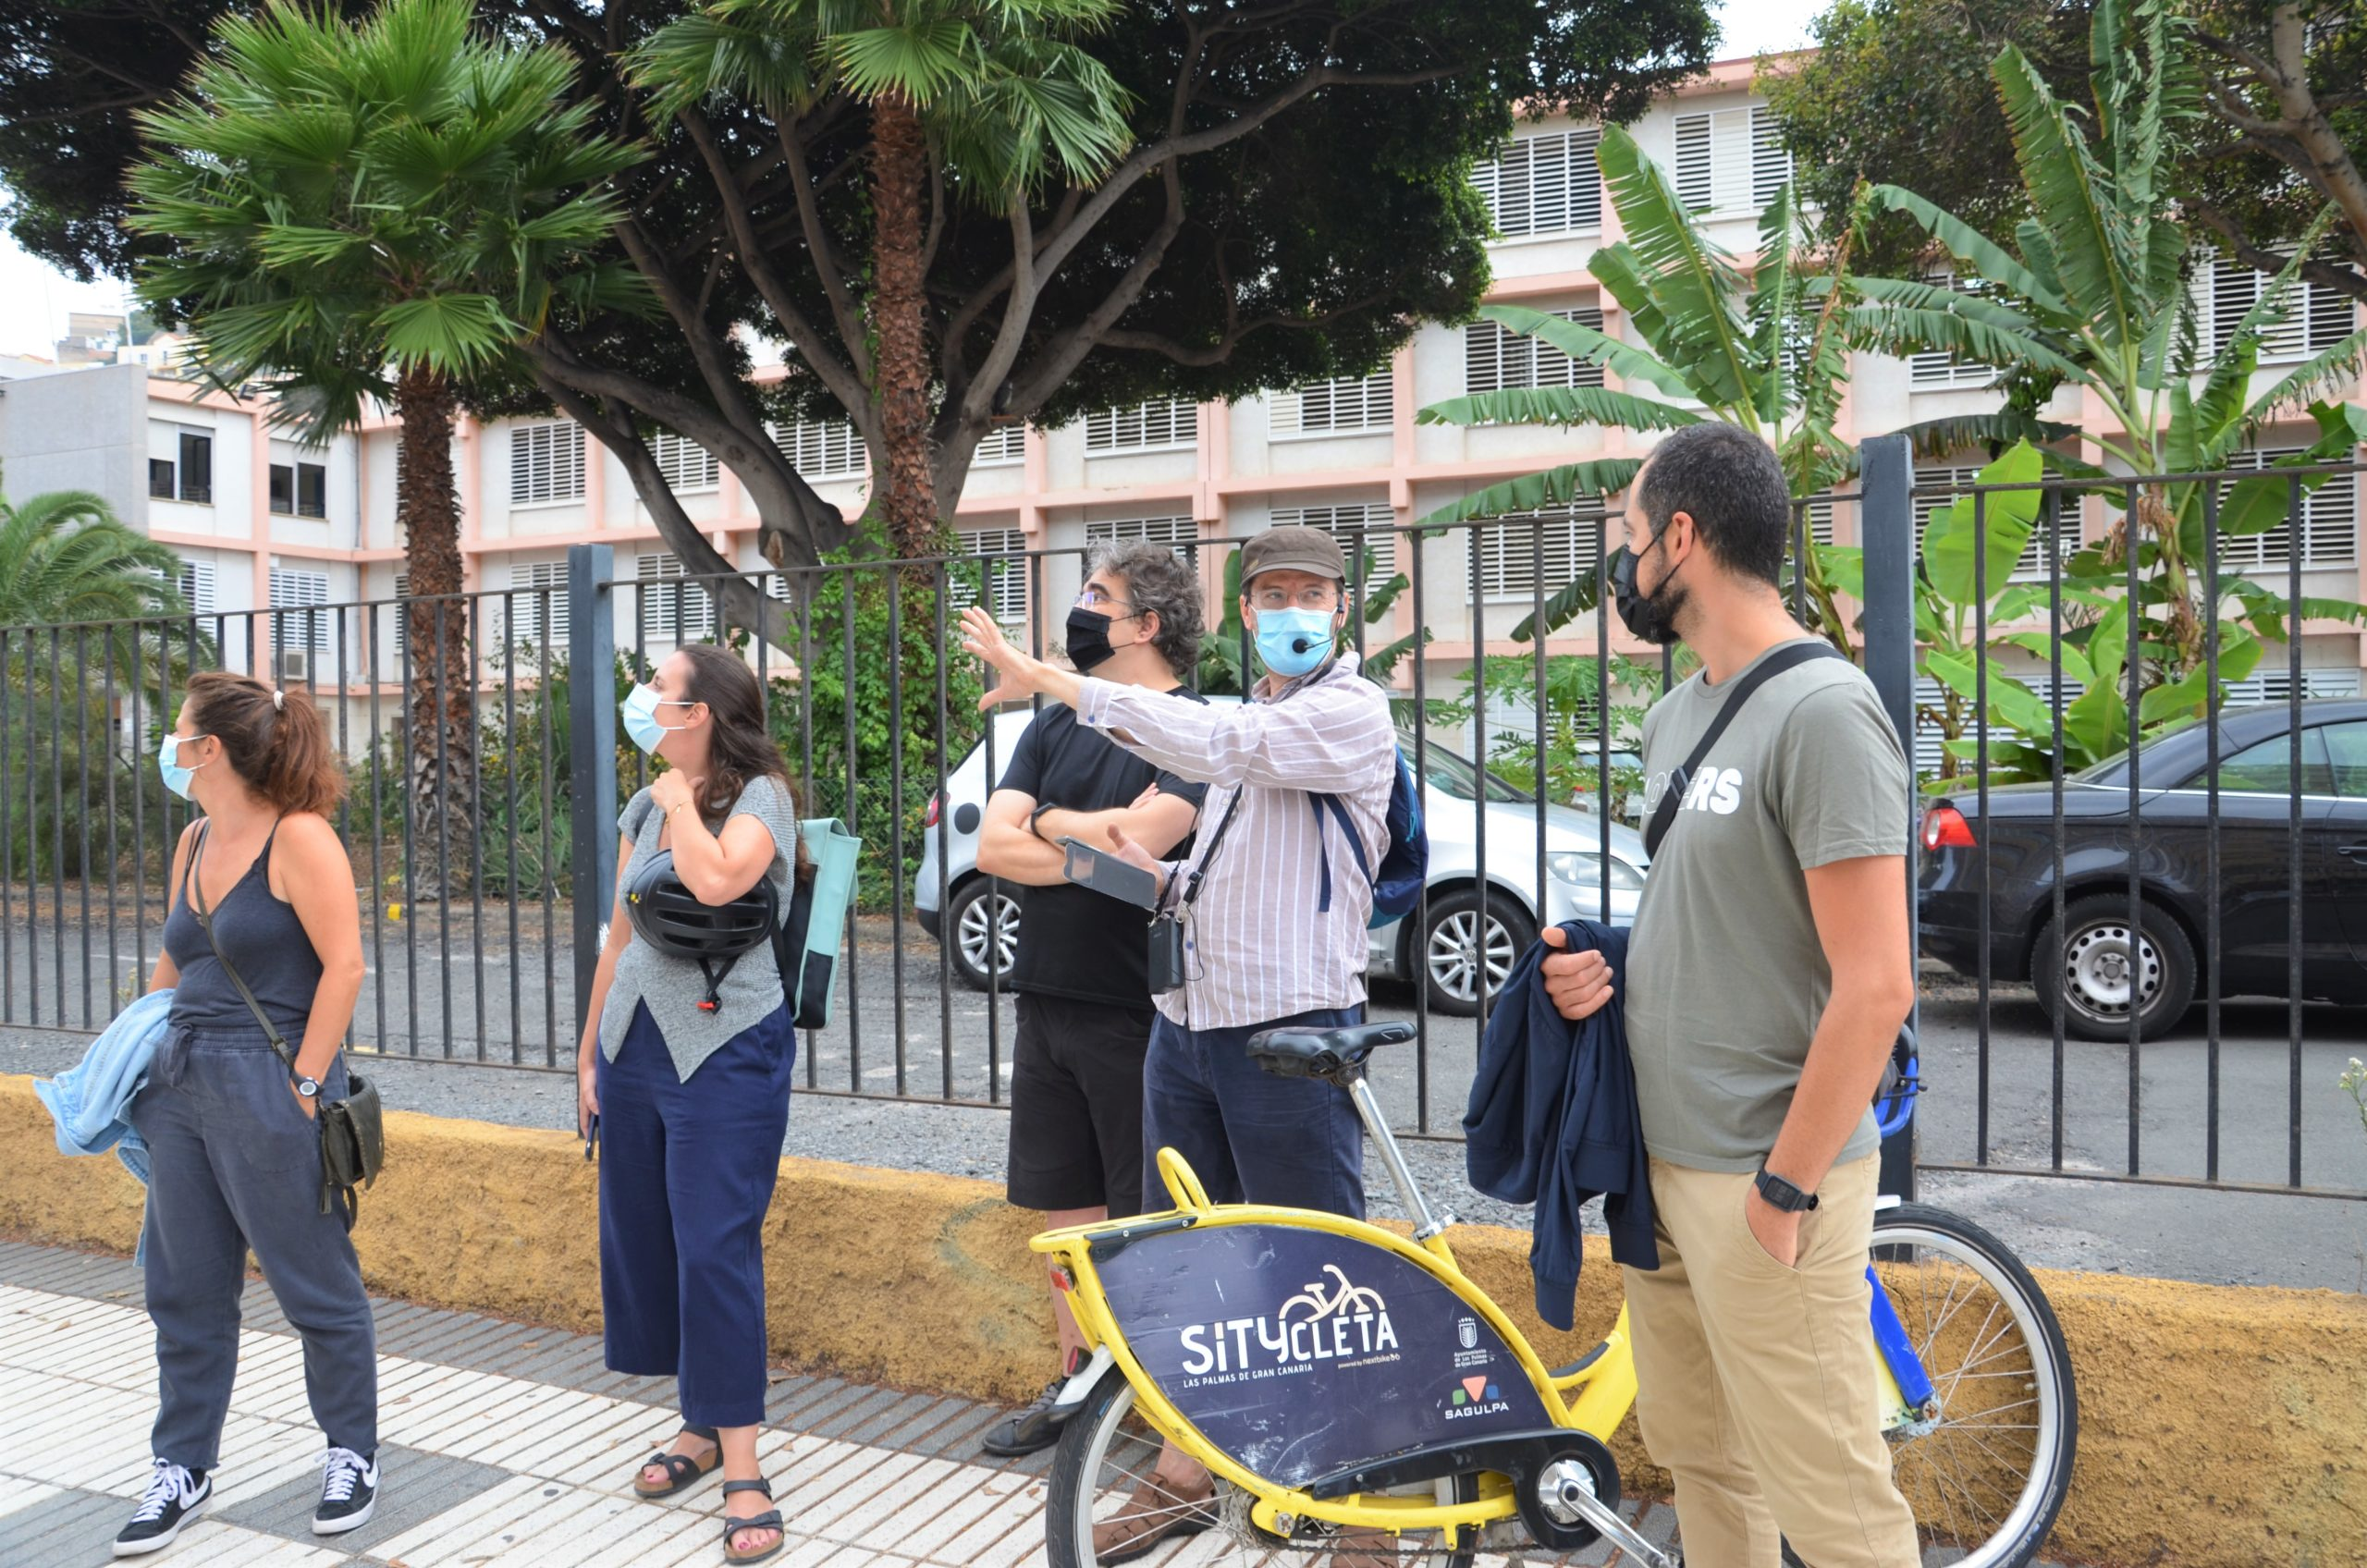 Los bicipaseos recorren la obra de Manuel Roca a través de rutas explicativas